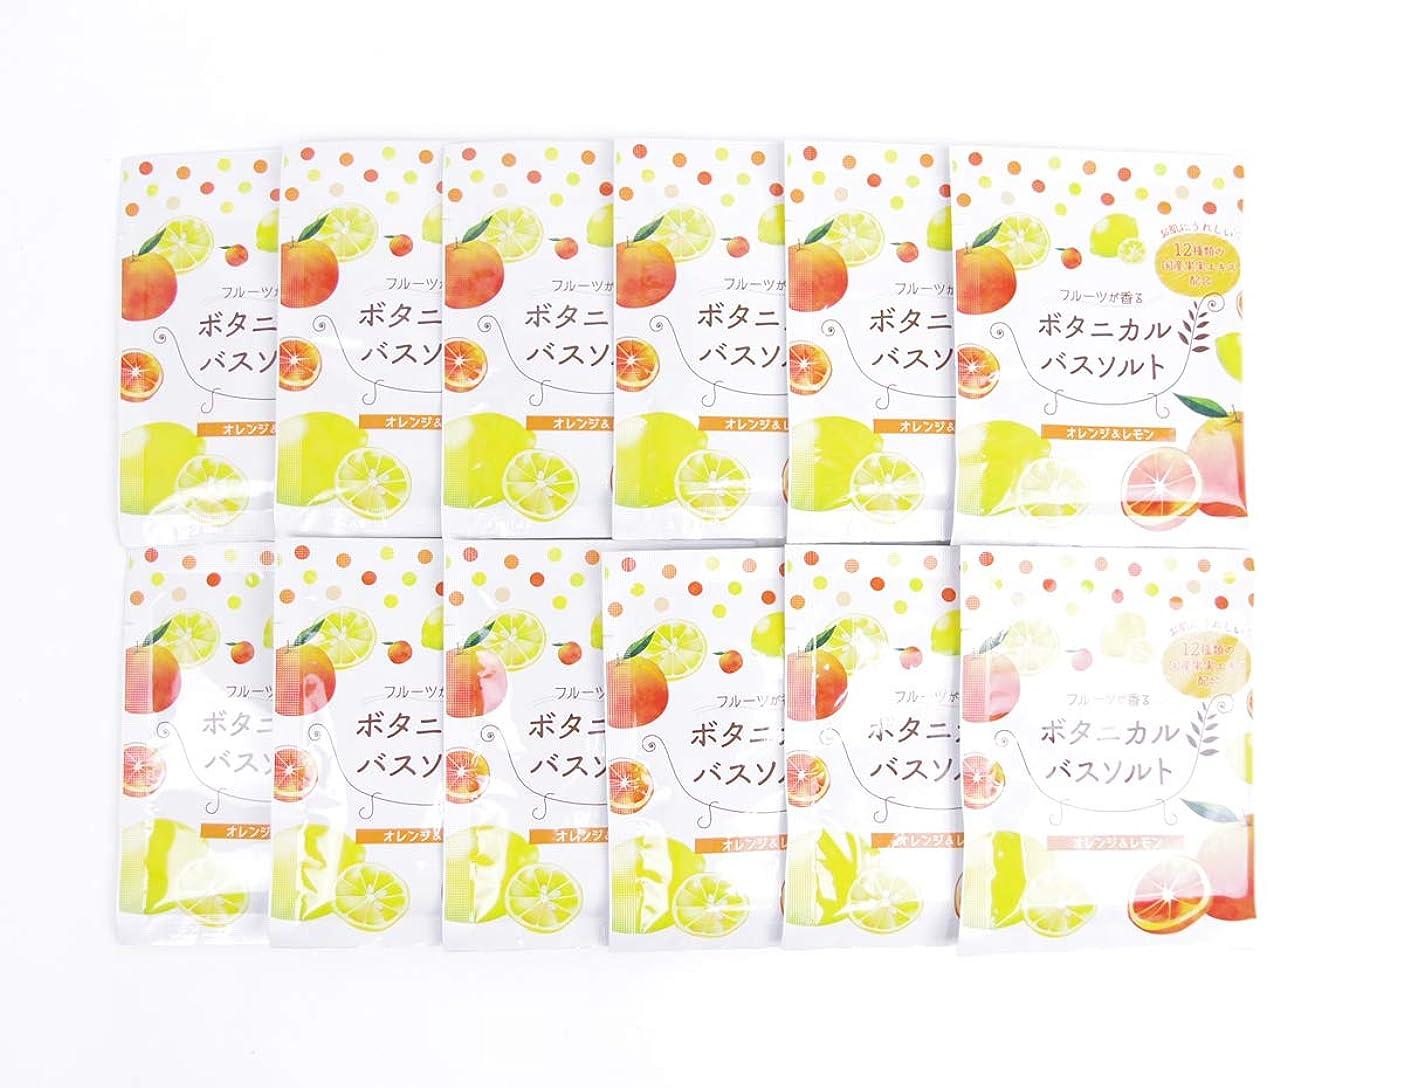 運動するカートリッジノート松田医薬品 フルーツが香るボタニカルバスソルト オレンジ&レモン 30g 12個セット